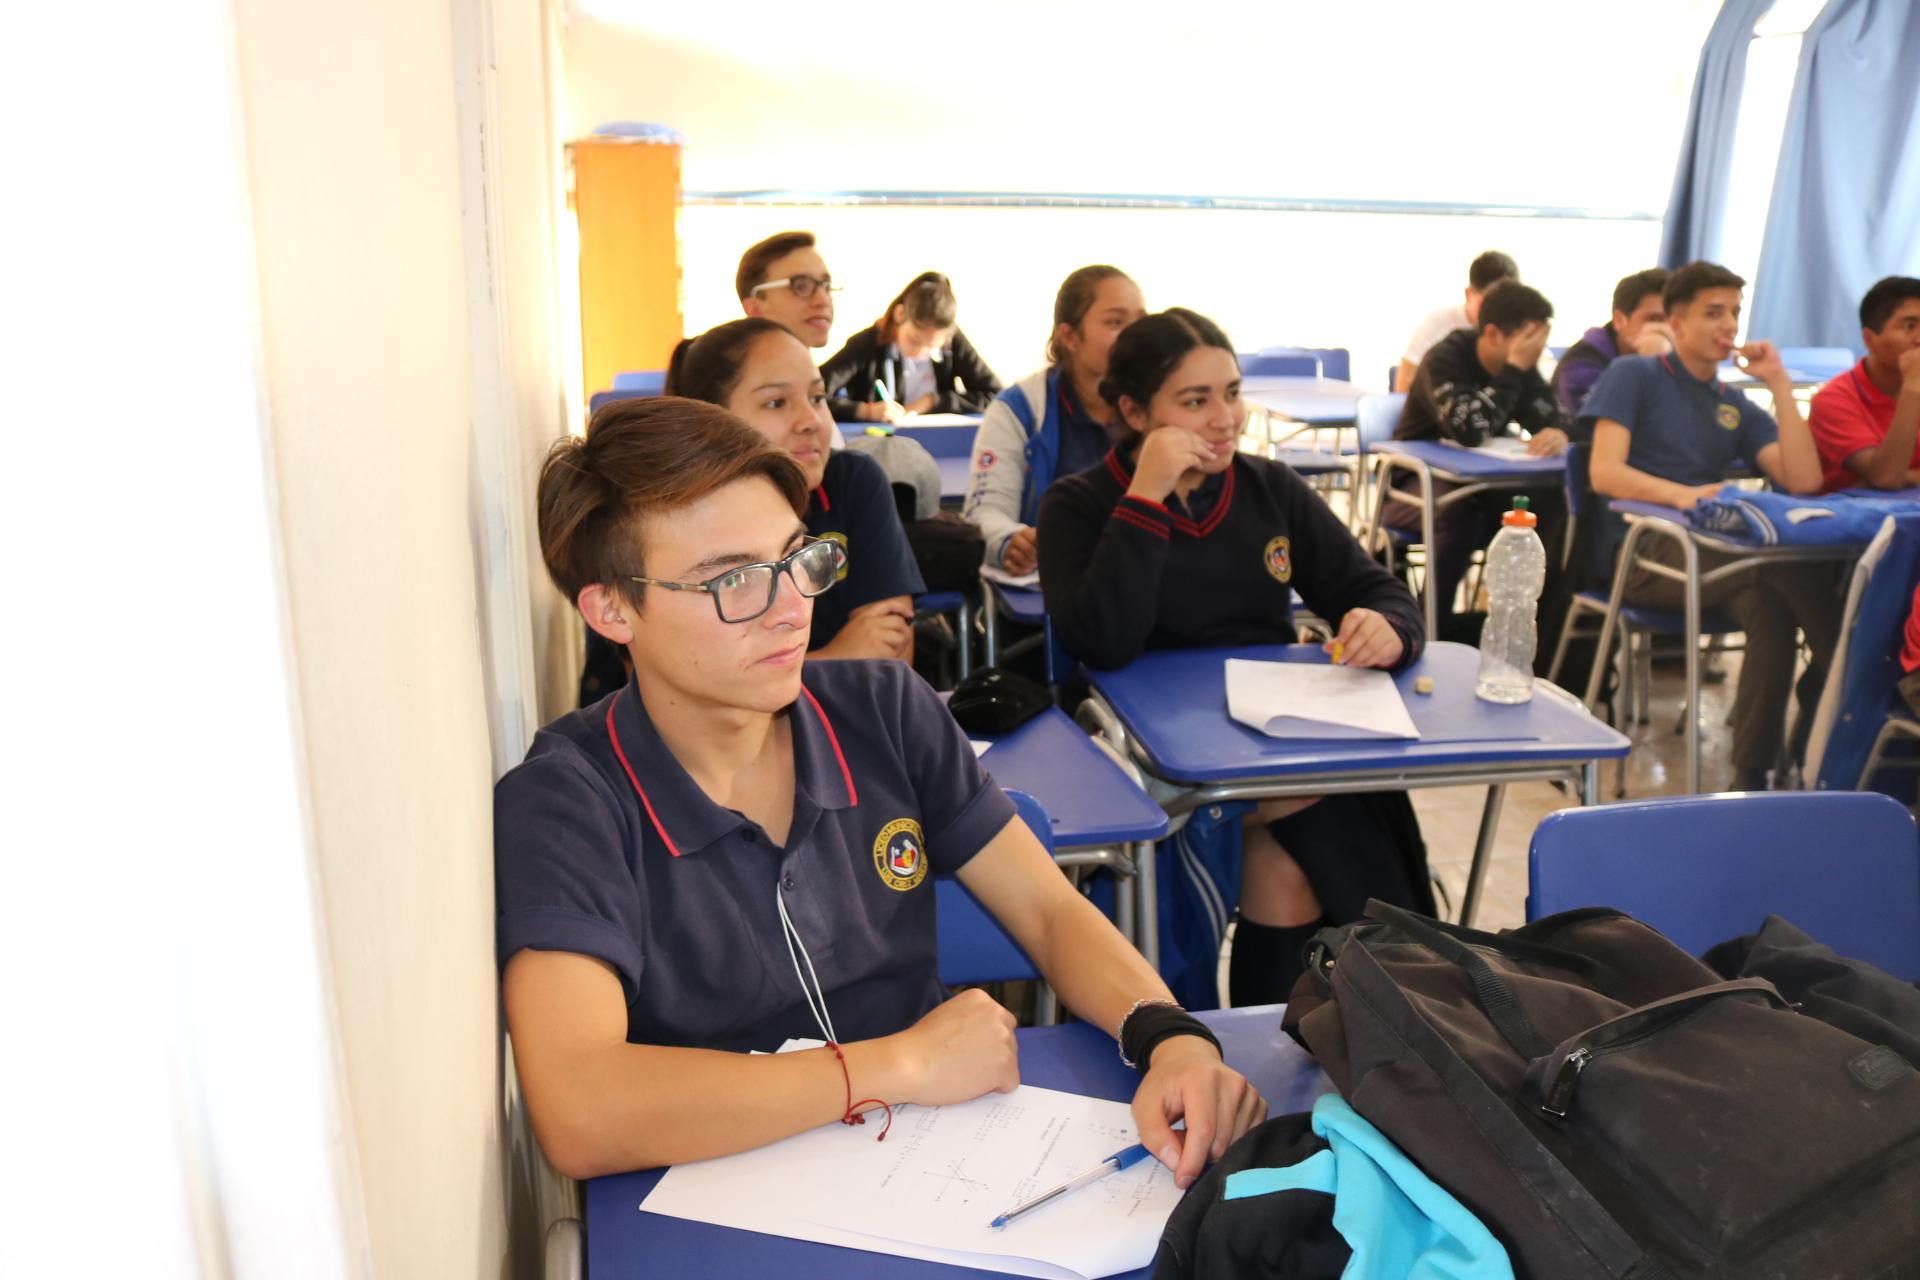 El Preuniversitario de Comdes ya suma más 350 alumnos inscritos para su versión 2020